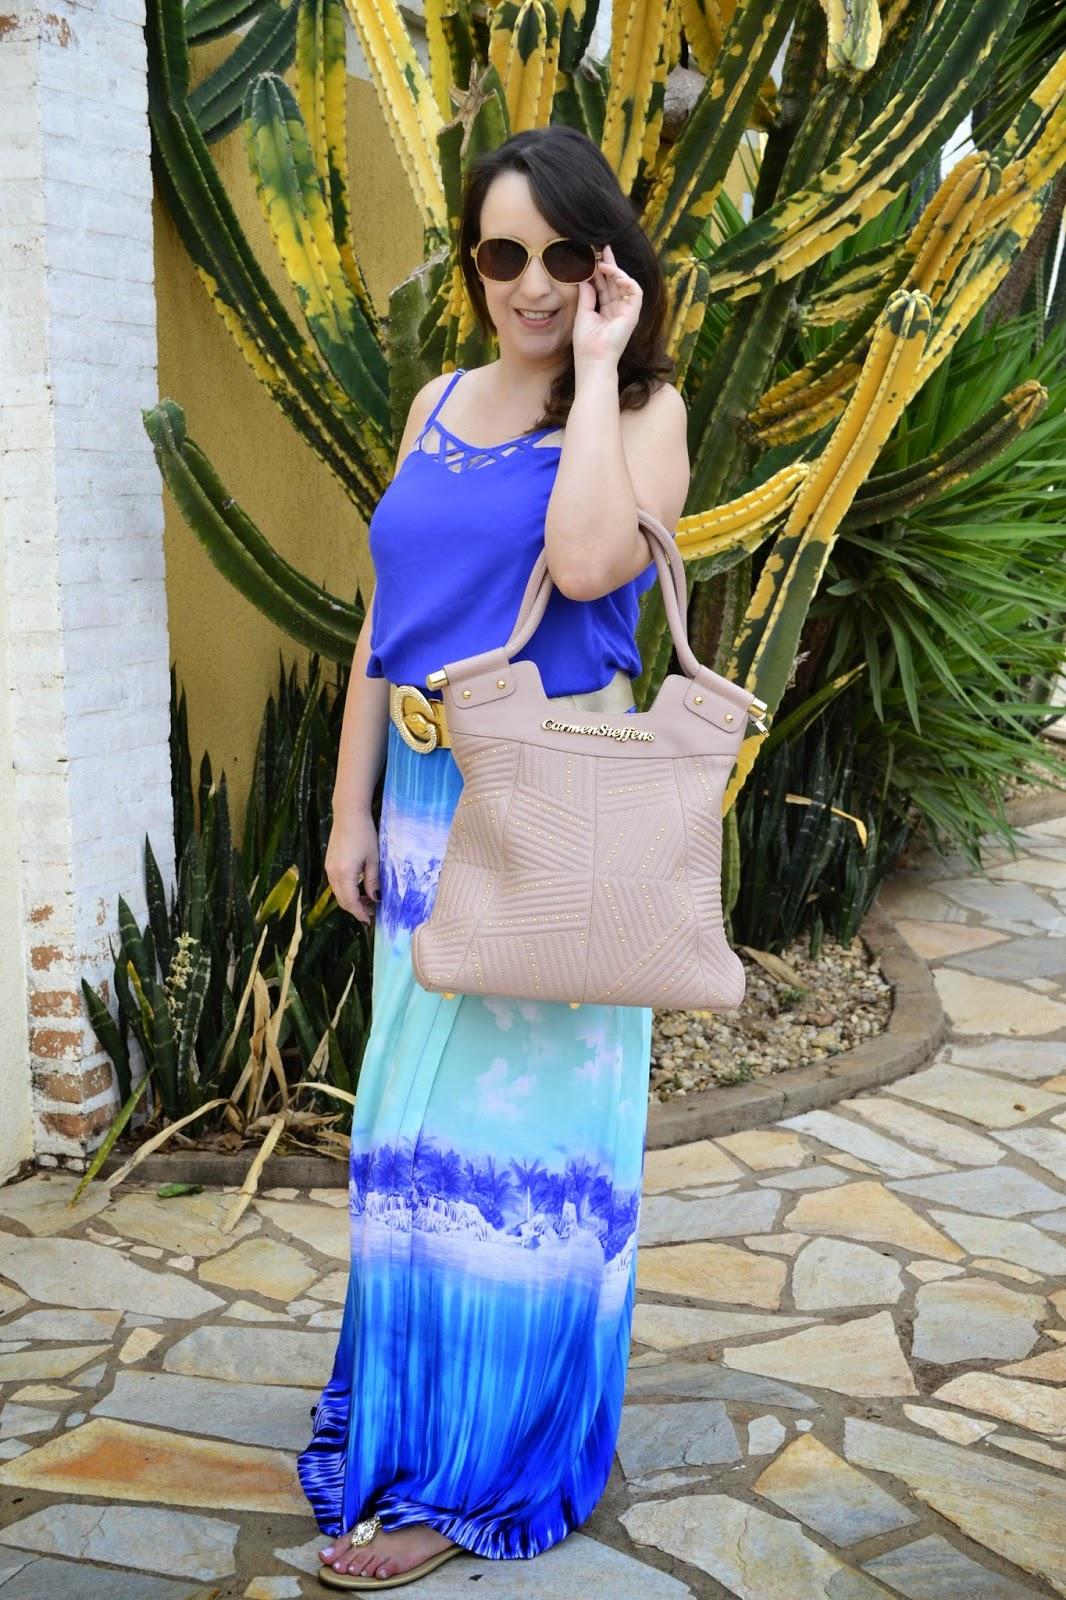 verão 2015, look do dia, saia longa estampada, look para praia, óculos armação dourada, bolsa carmen steffens, carmen steffens, blog de moda de ribeirão preto, blog camila andrade